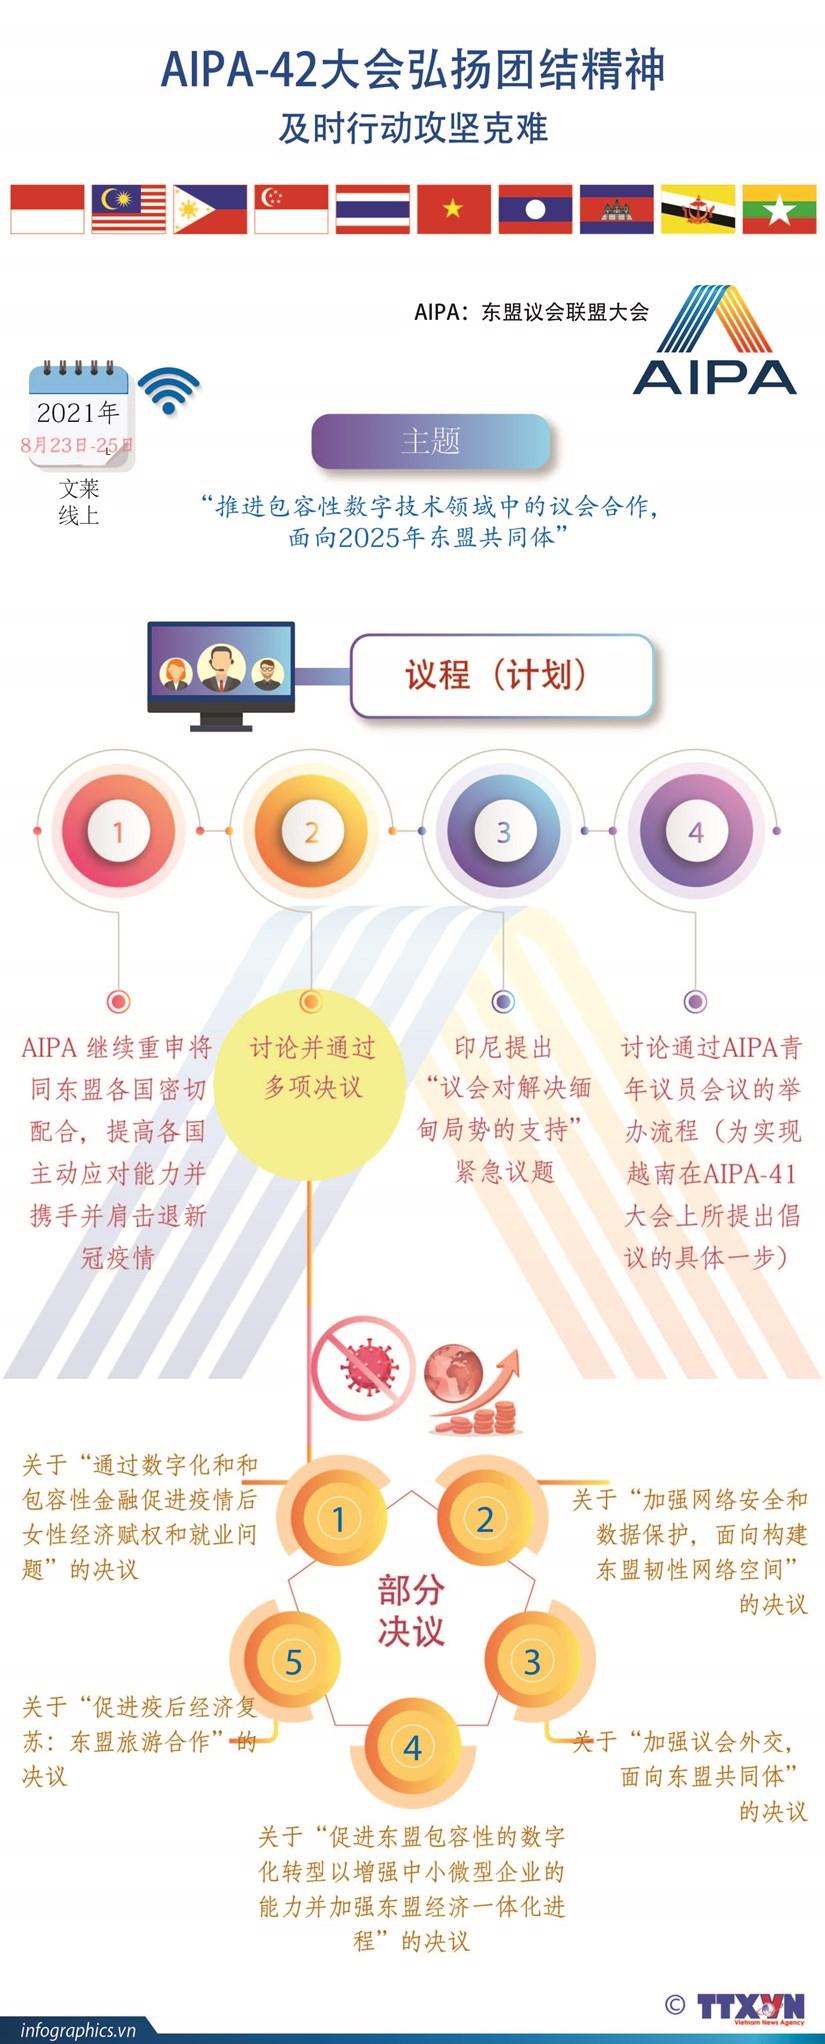 图表新闻:AIPA-42大会弘扬团结精神及时行动攻坚克难 hinh anh 1